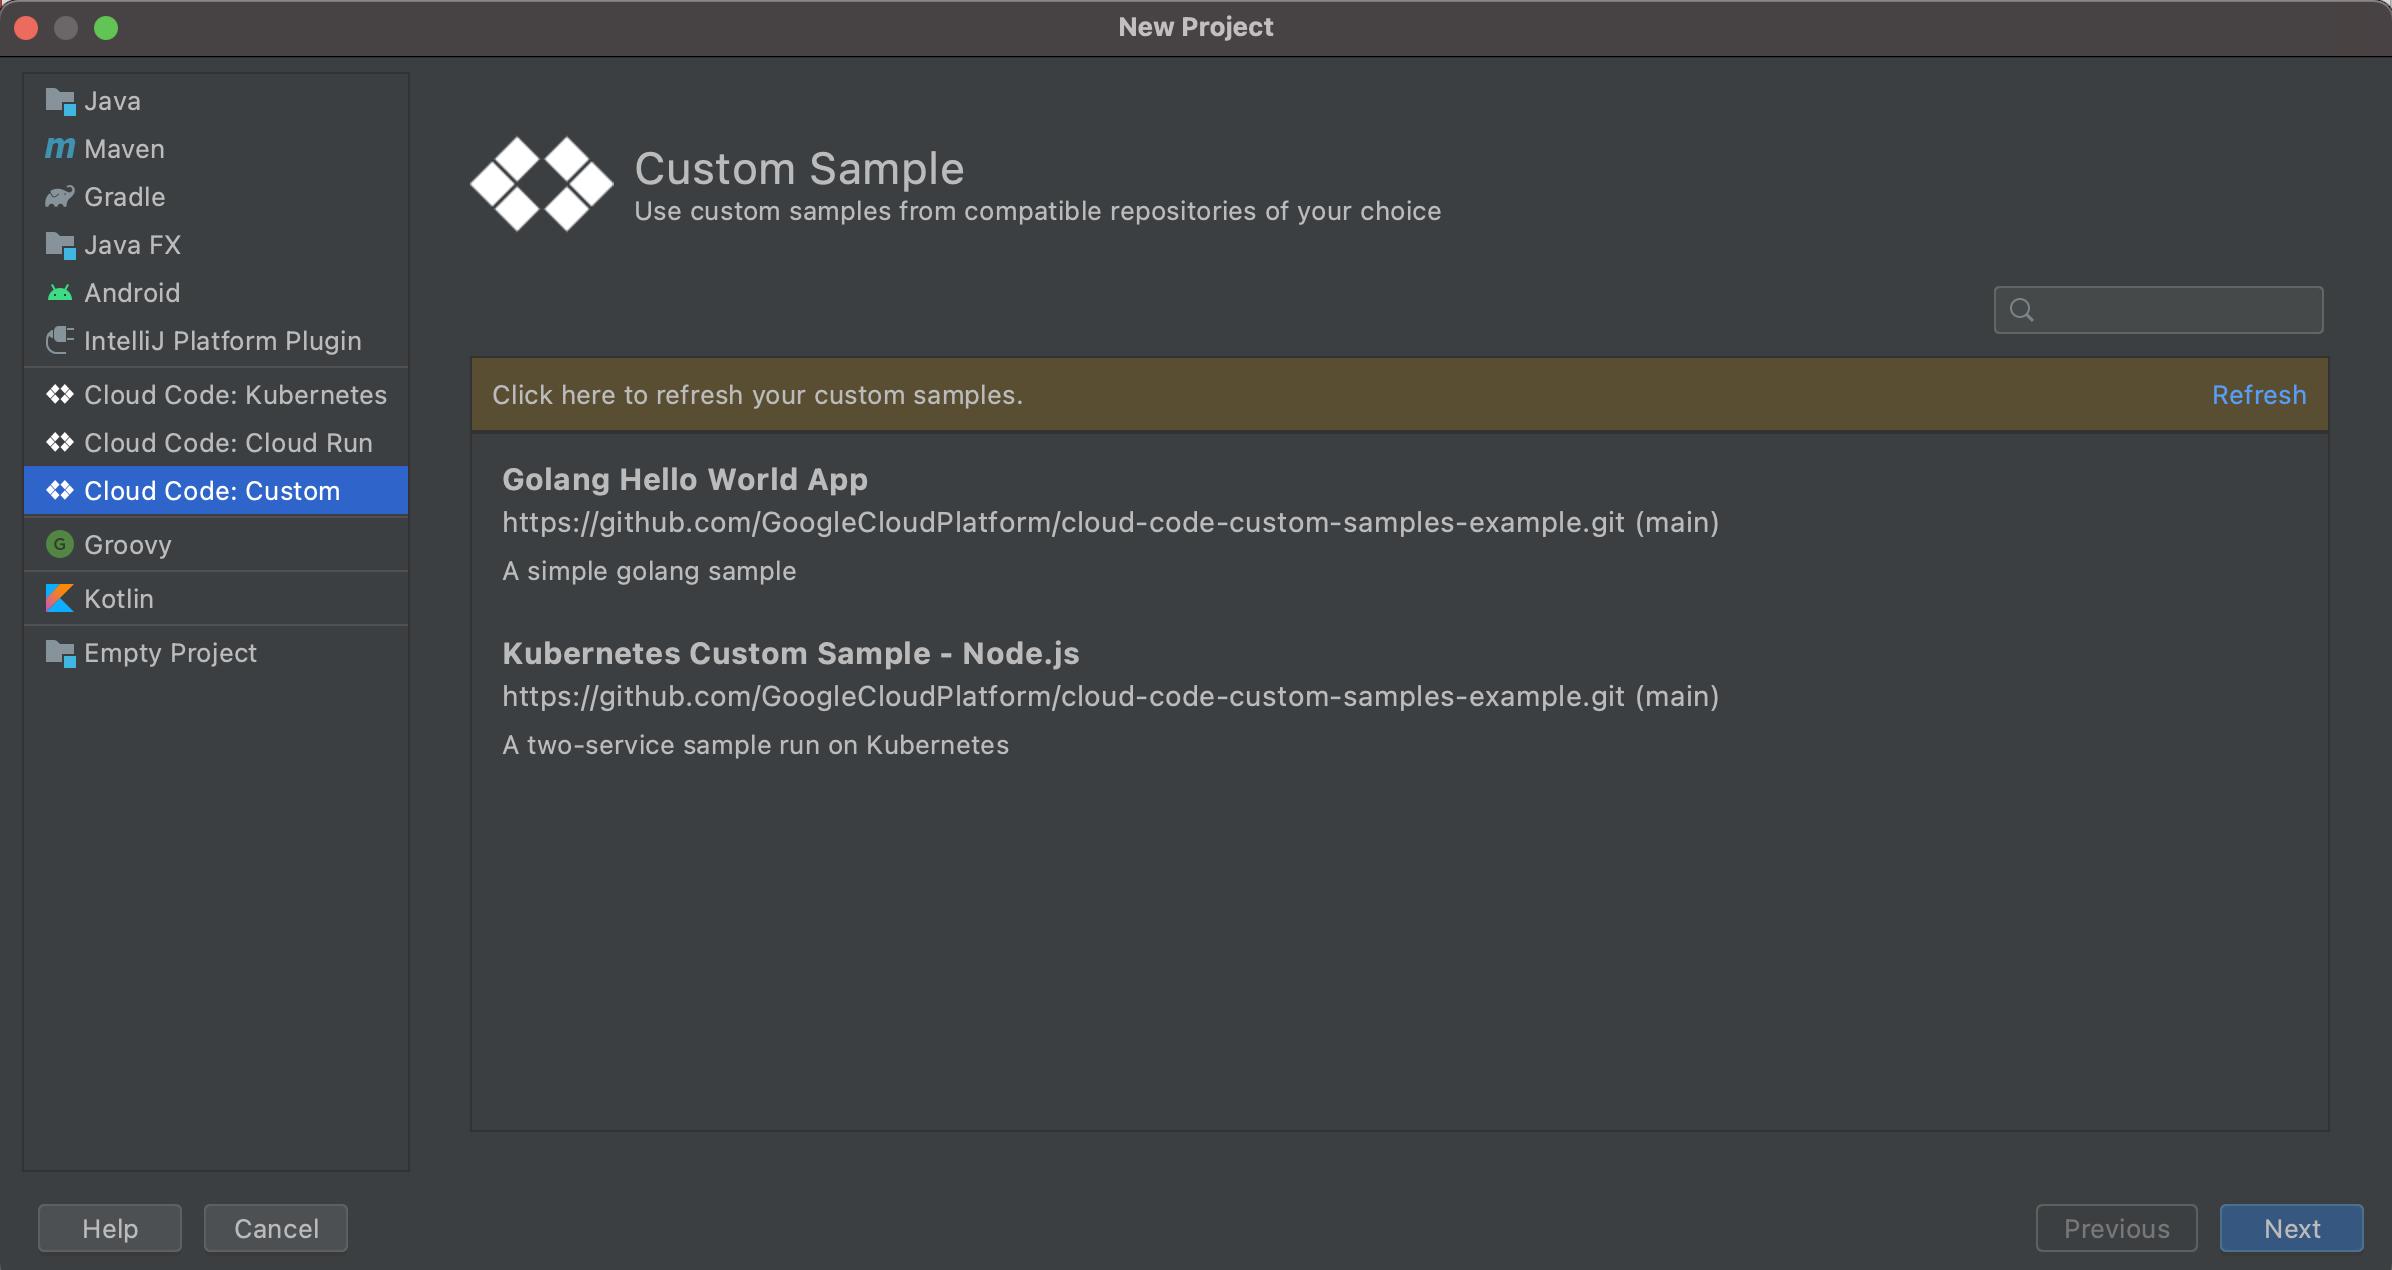 新しい Cloud Code アプリの作成時に利用できるカスタム サンプルのリスト